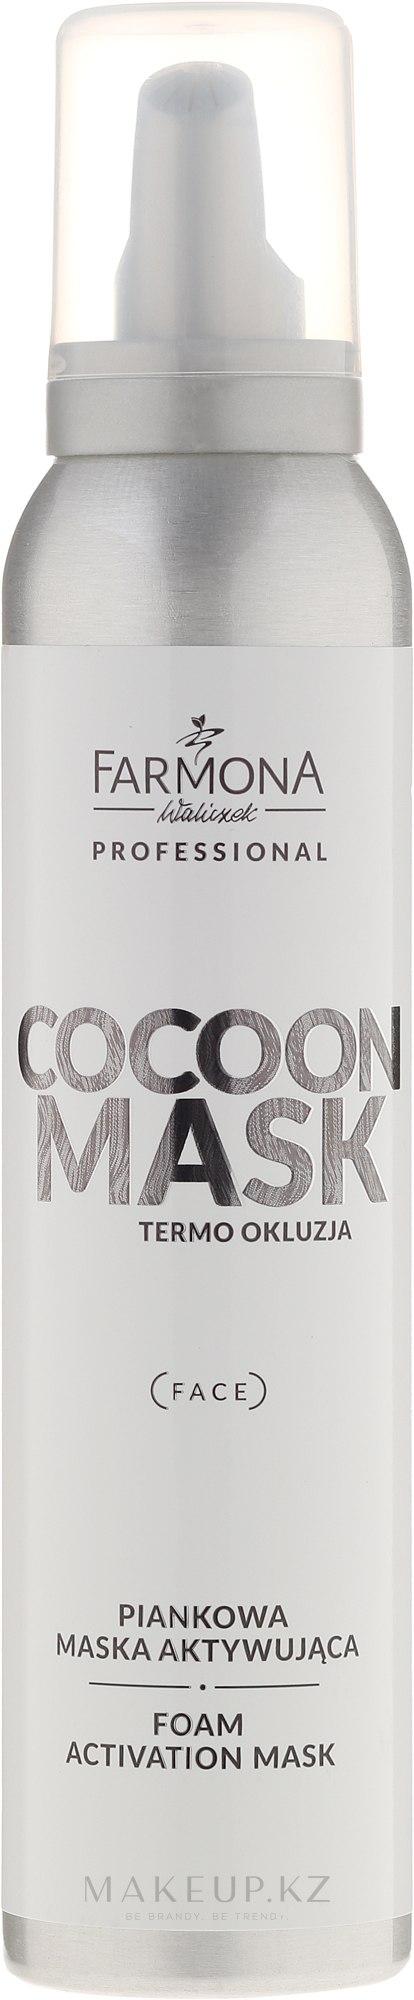 Маска-активатор в пене для лица - Farmona Cocoon Mask — фото 180 ml